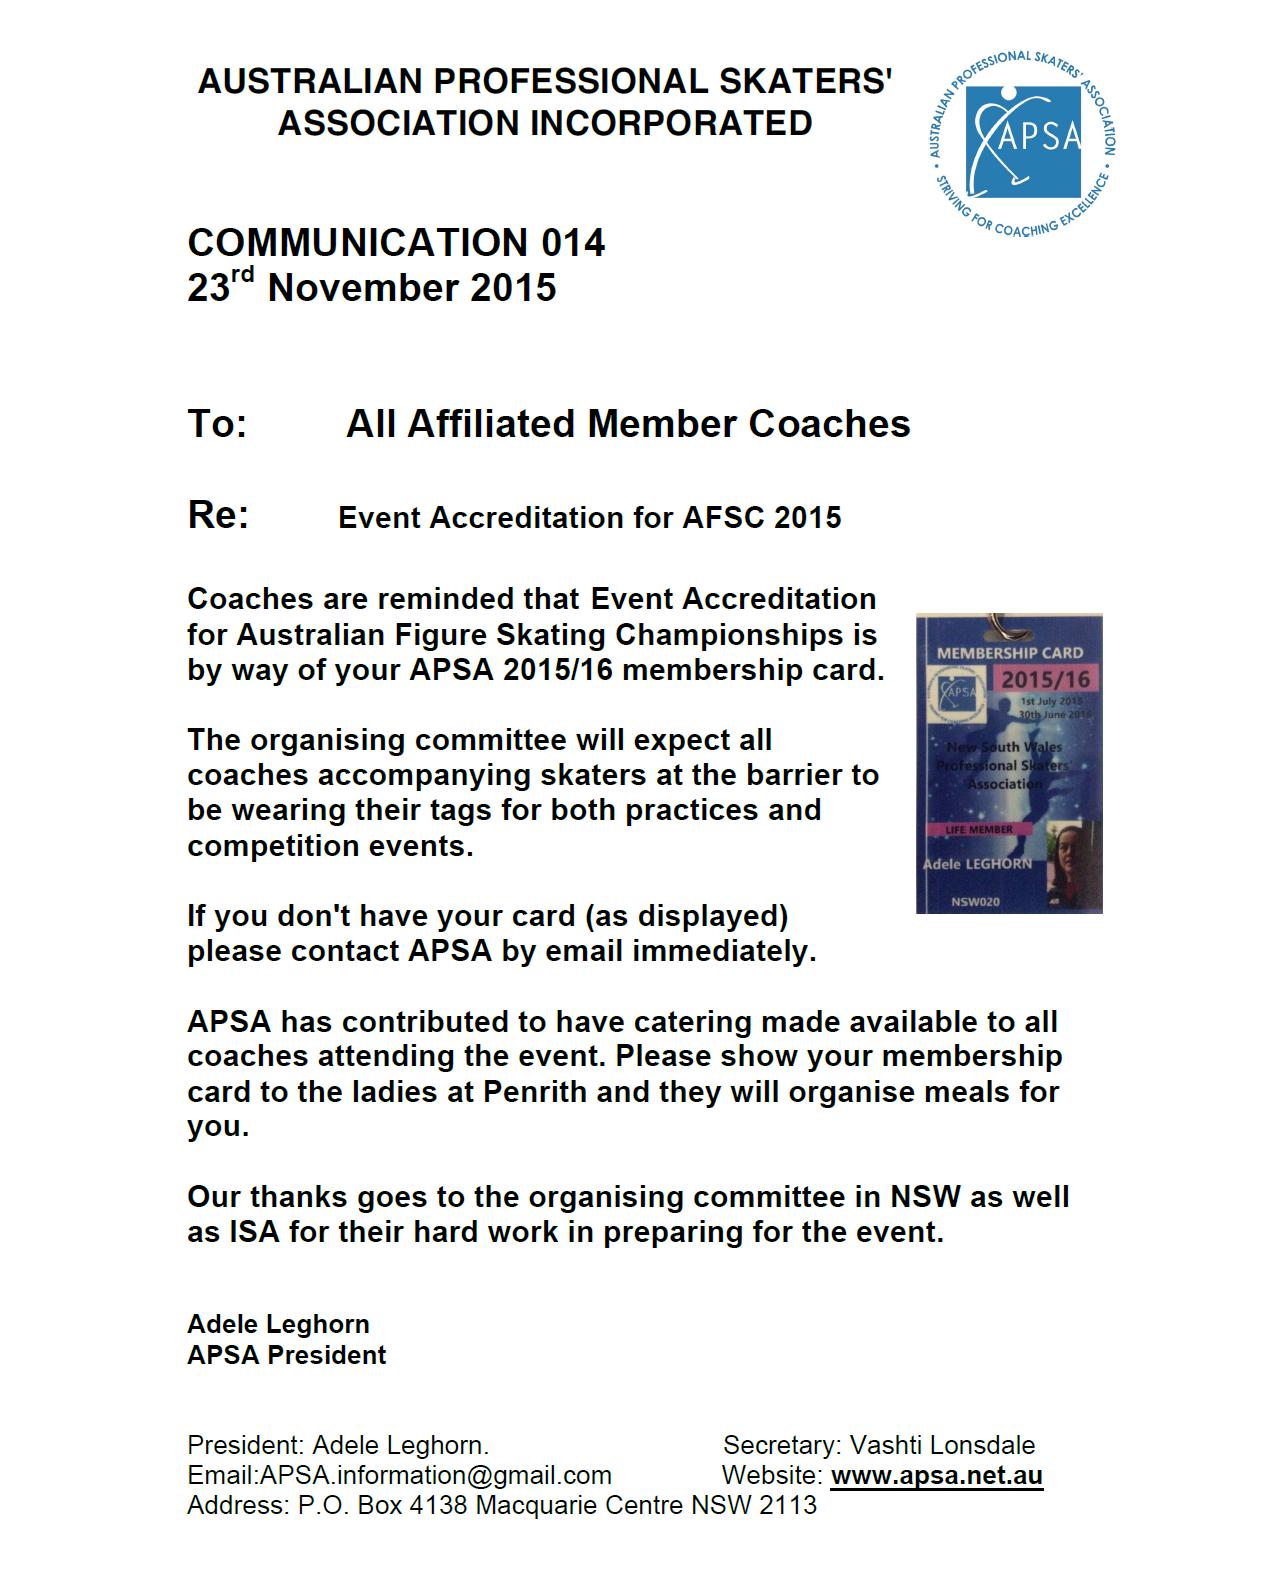 APSA Announcement 014 - Event Accreditation AFSC 2015